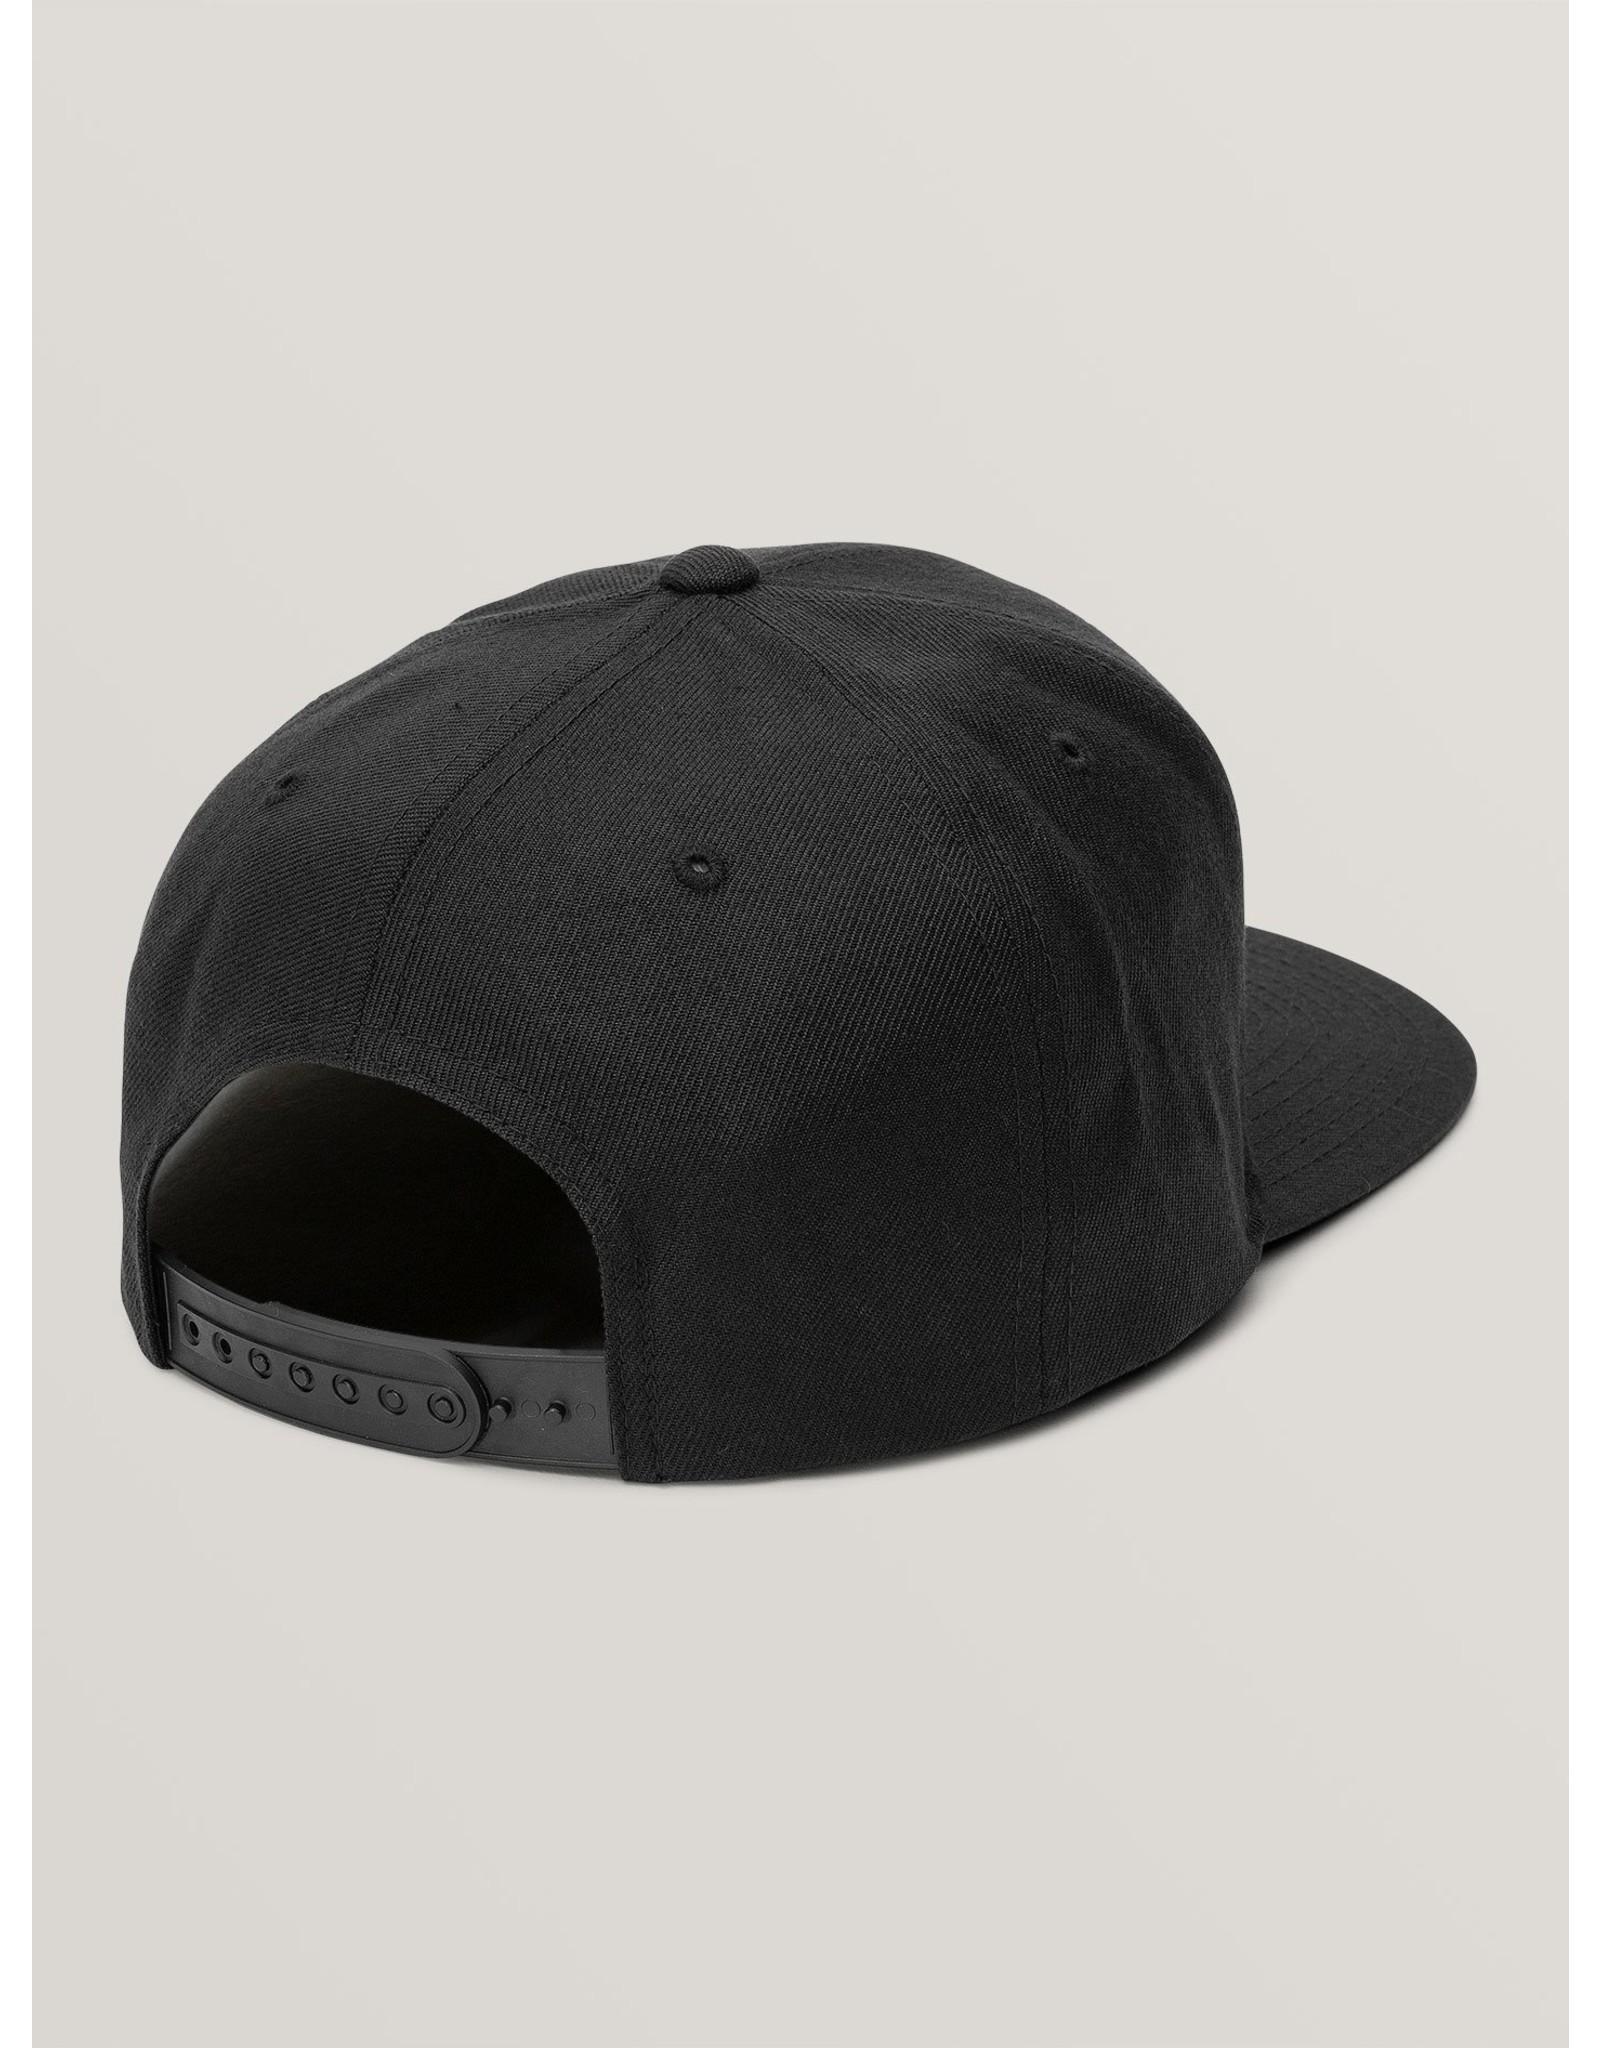 Volcom Quarter Twill - Black